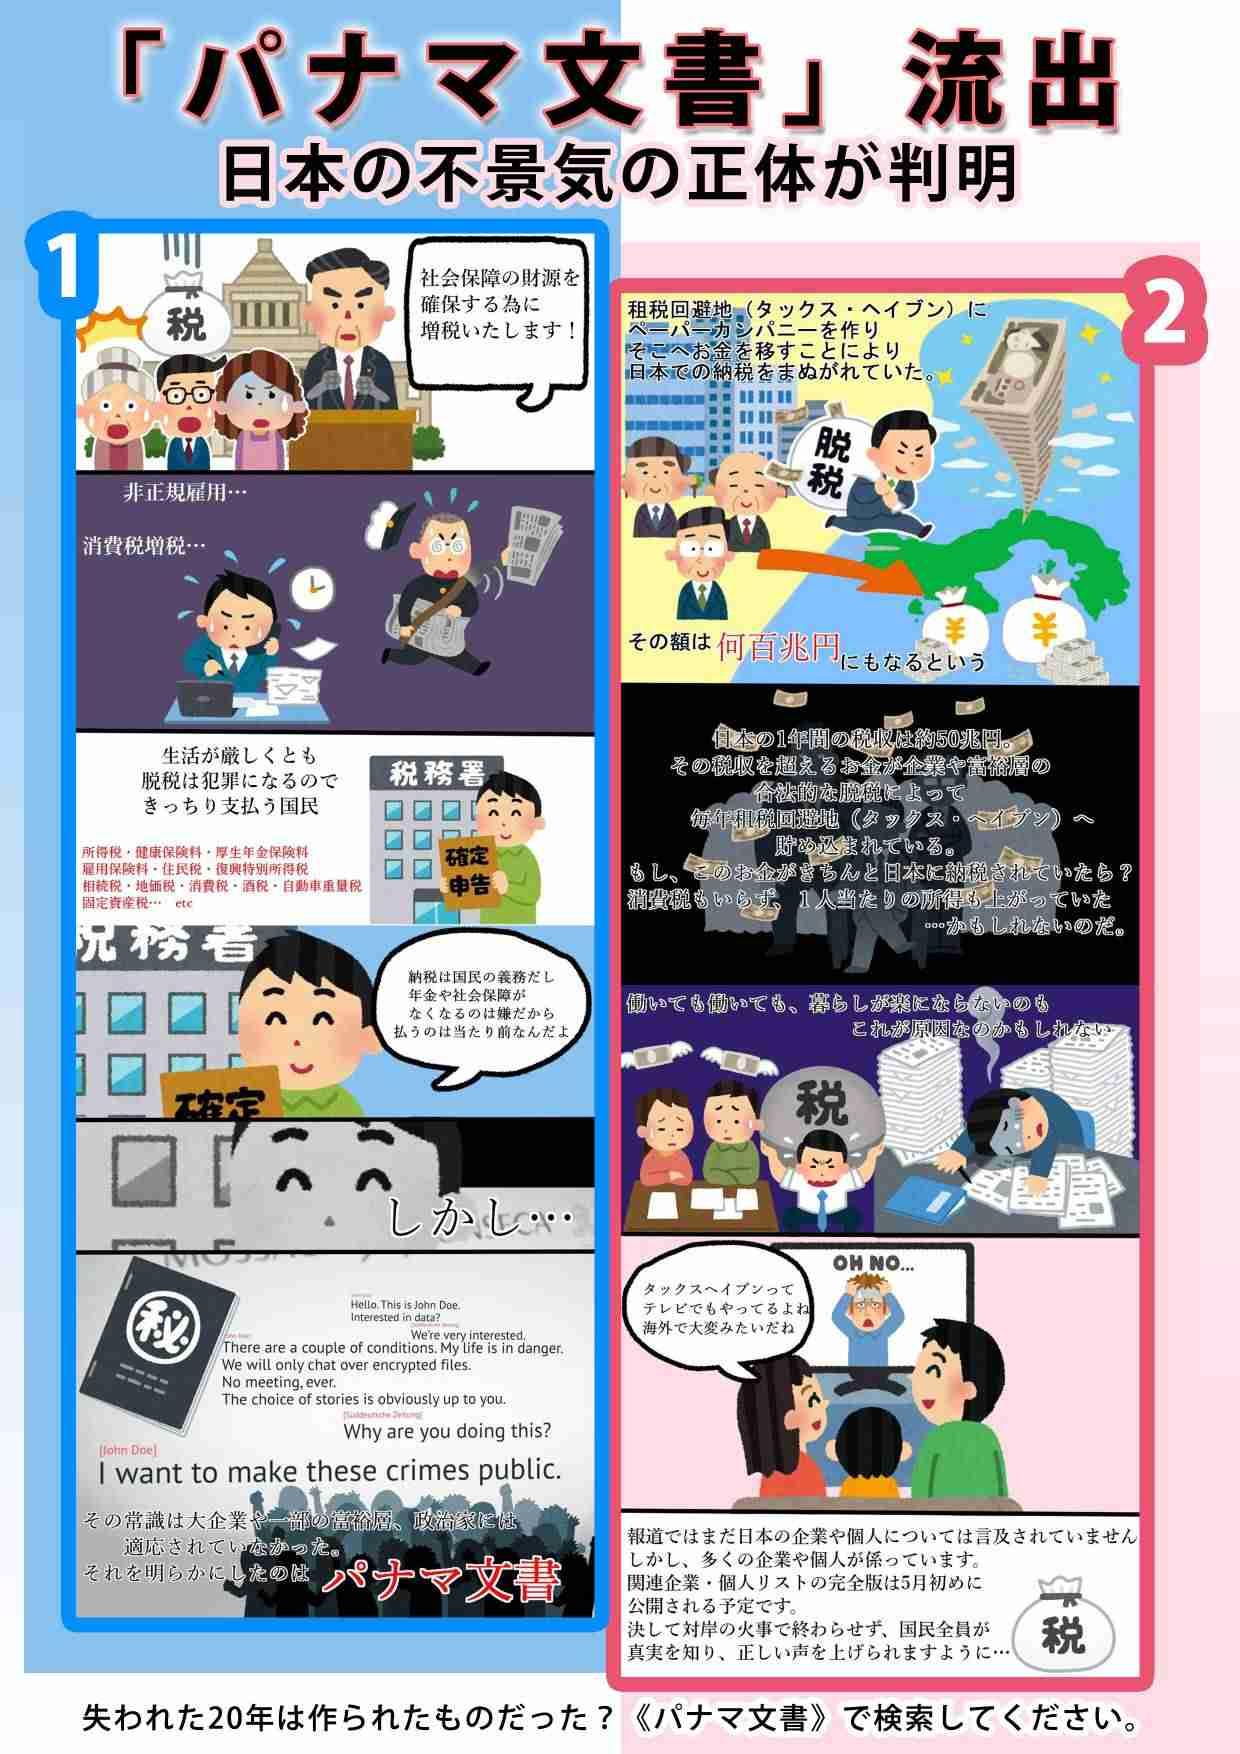 熊本地震で補正予算案編成=住宅確保、生活再建支援で―政府